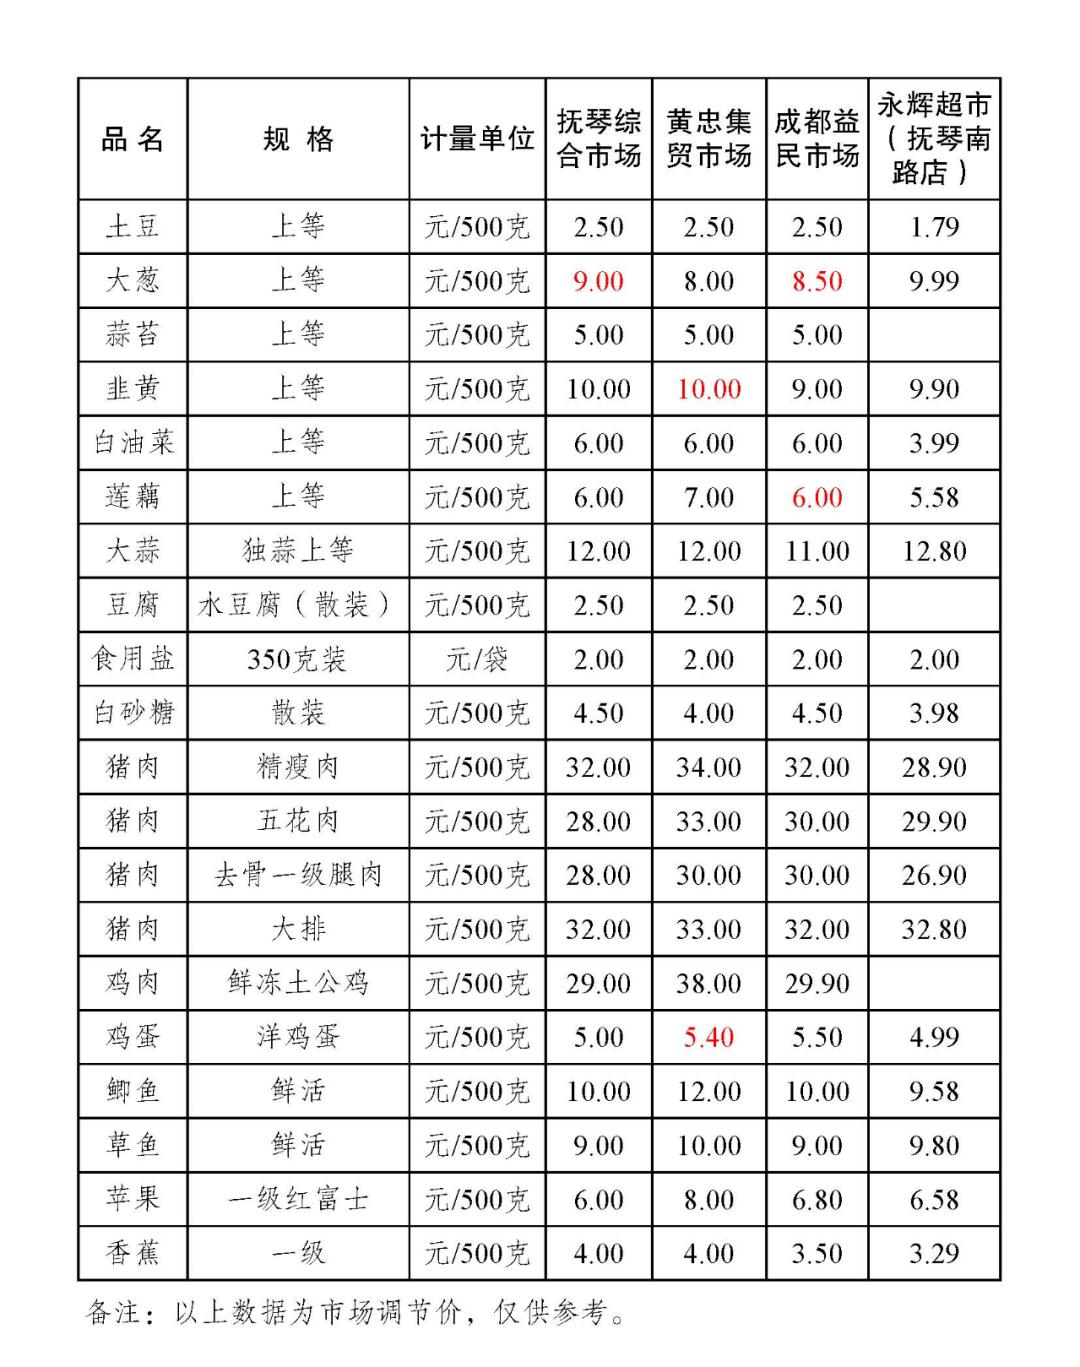 金牛区部分农贸市场主副食品零售价格表(2021.1.12)